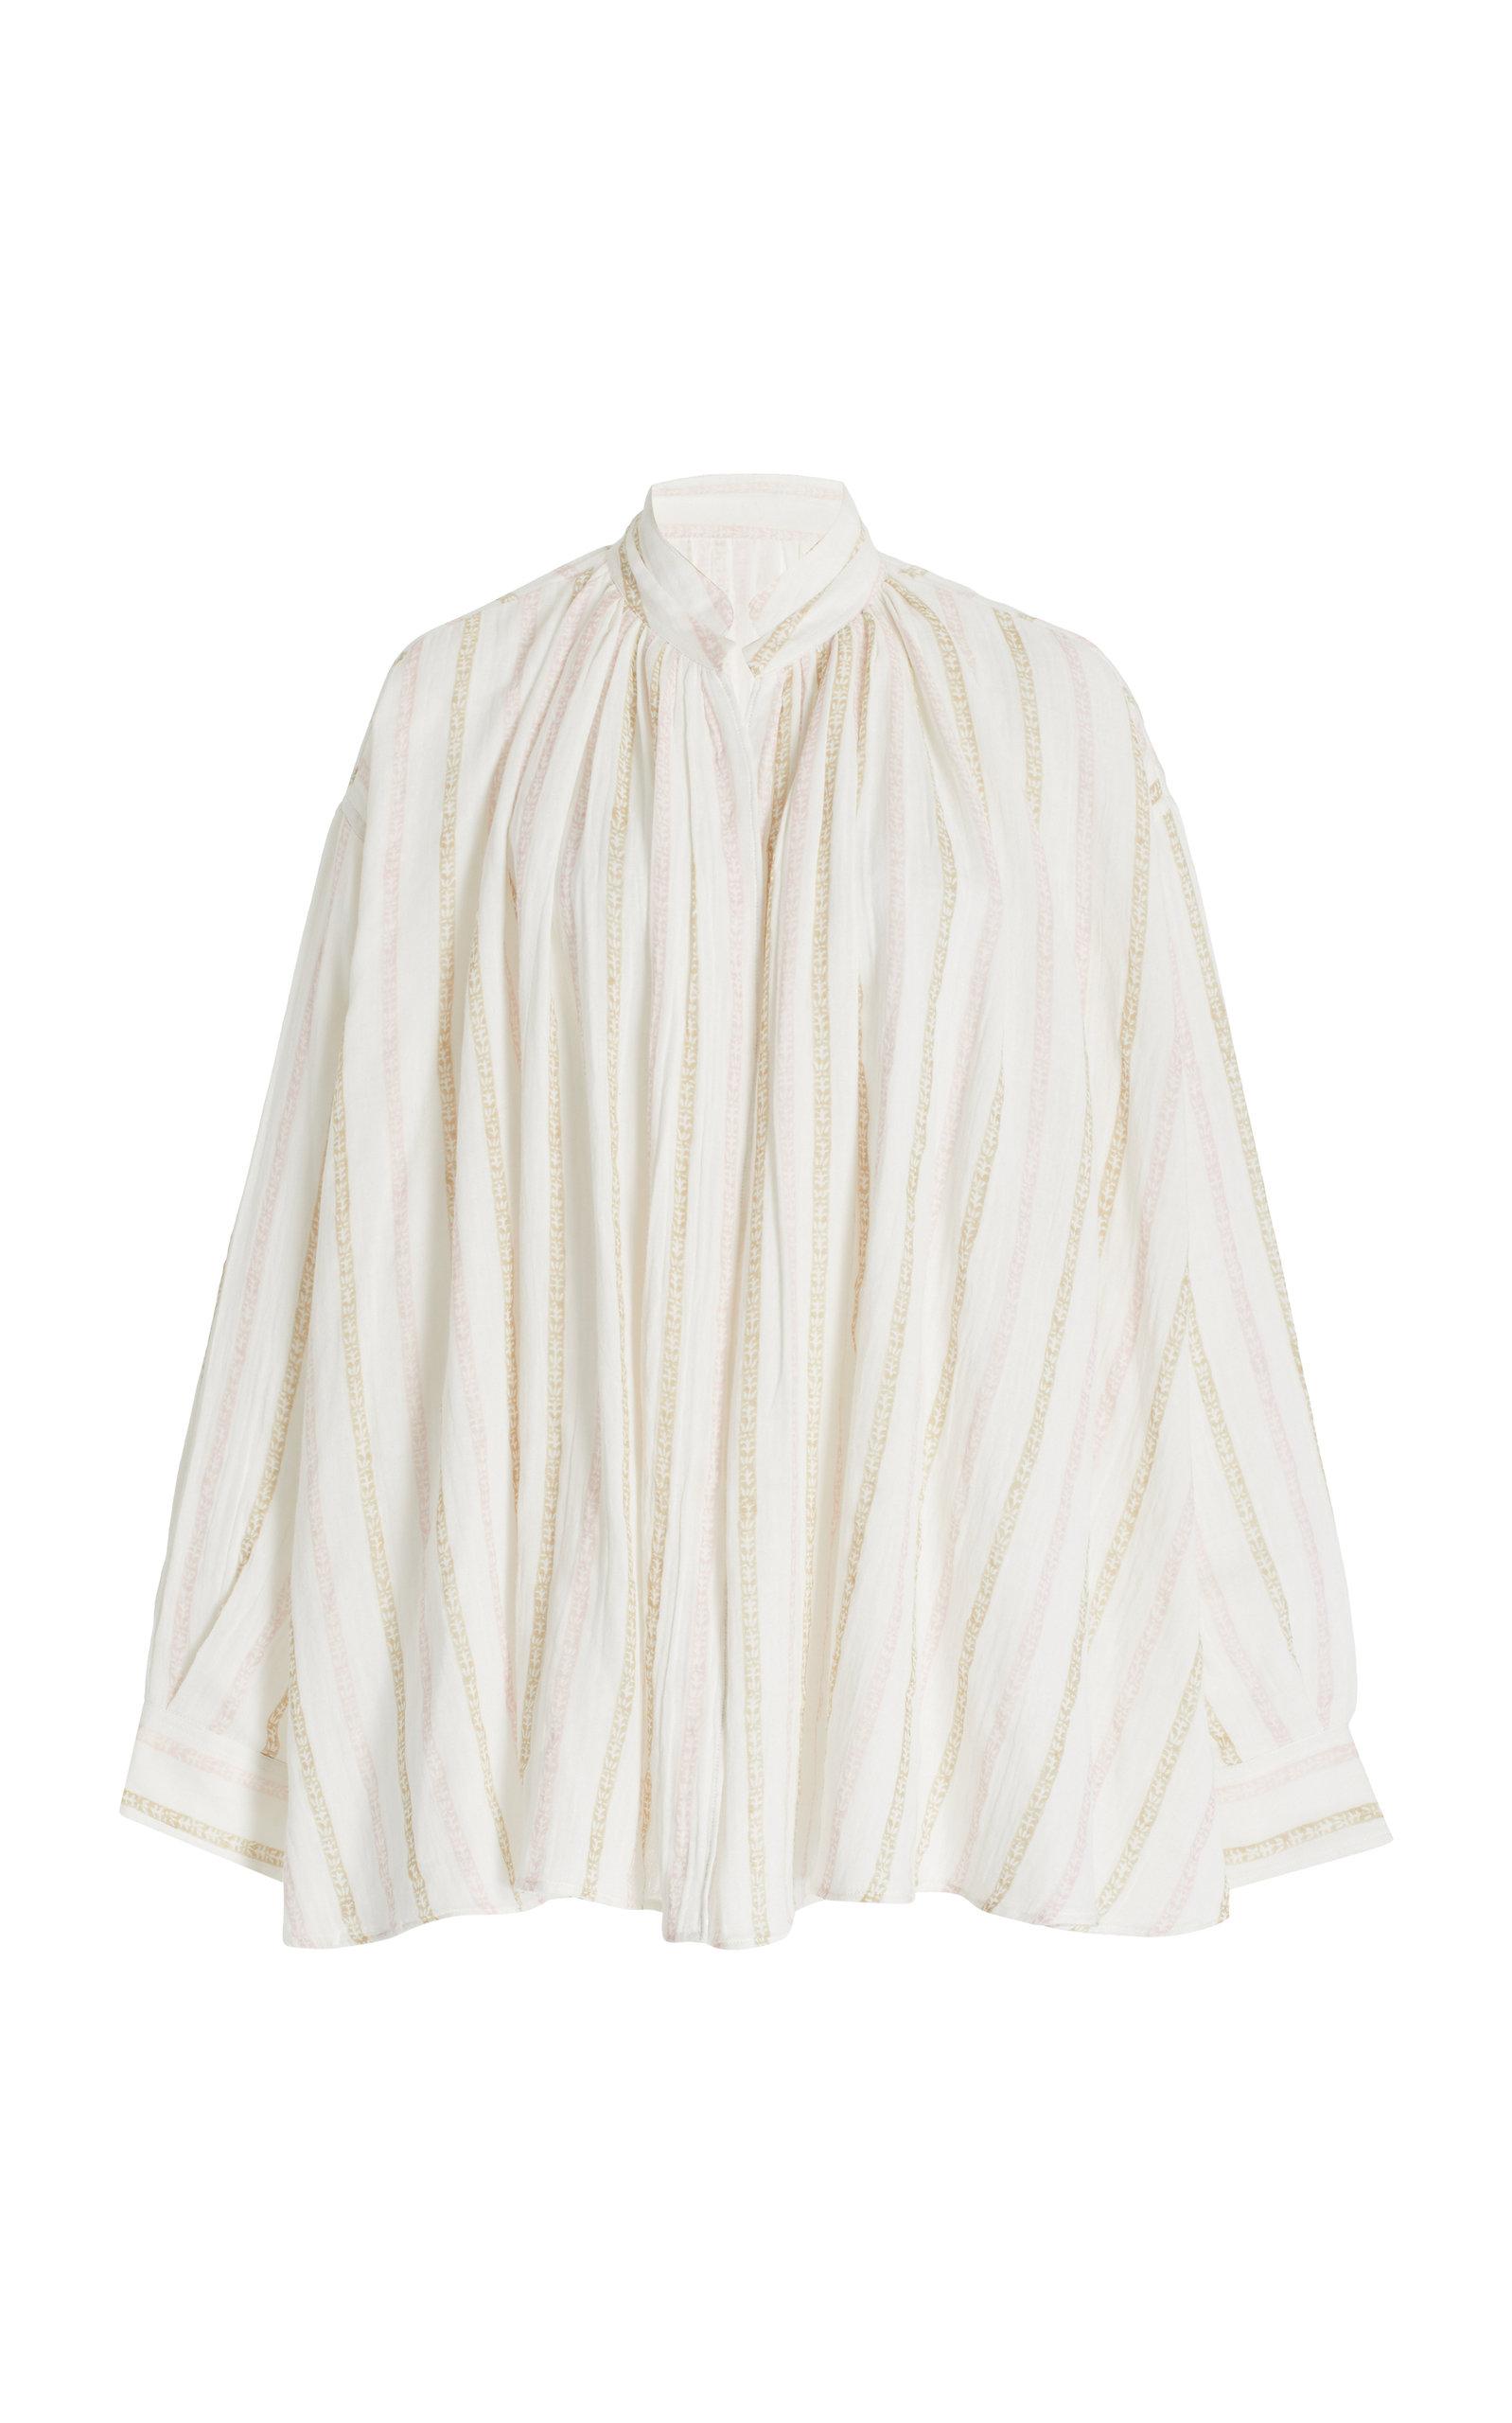 Women's Agnes Striped Cotton Top